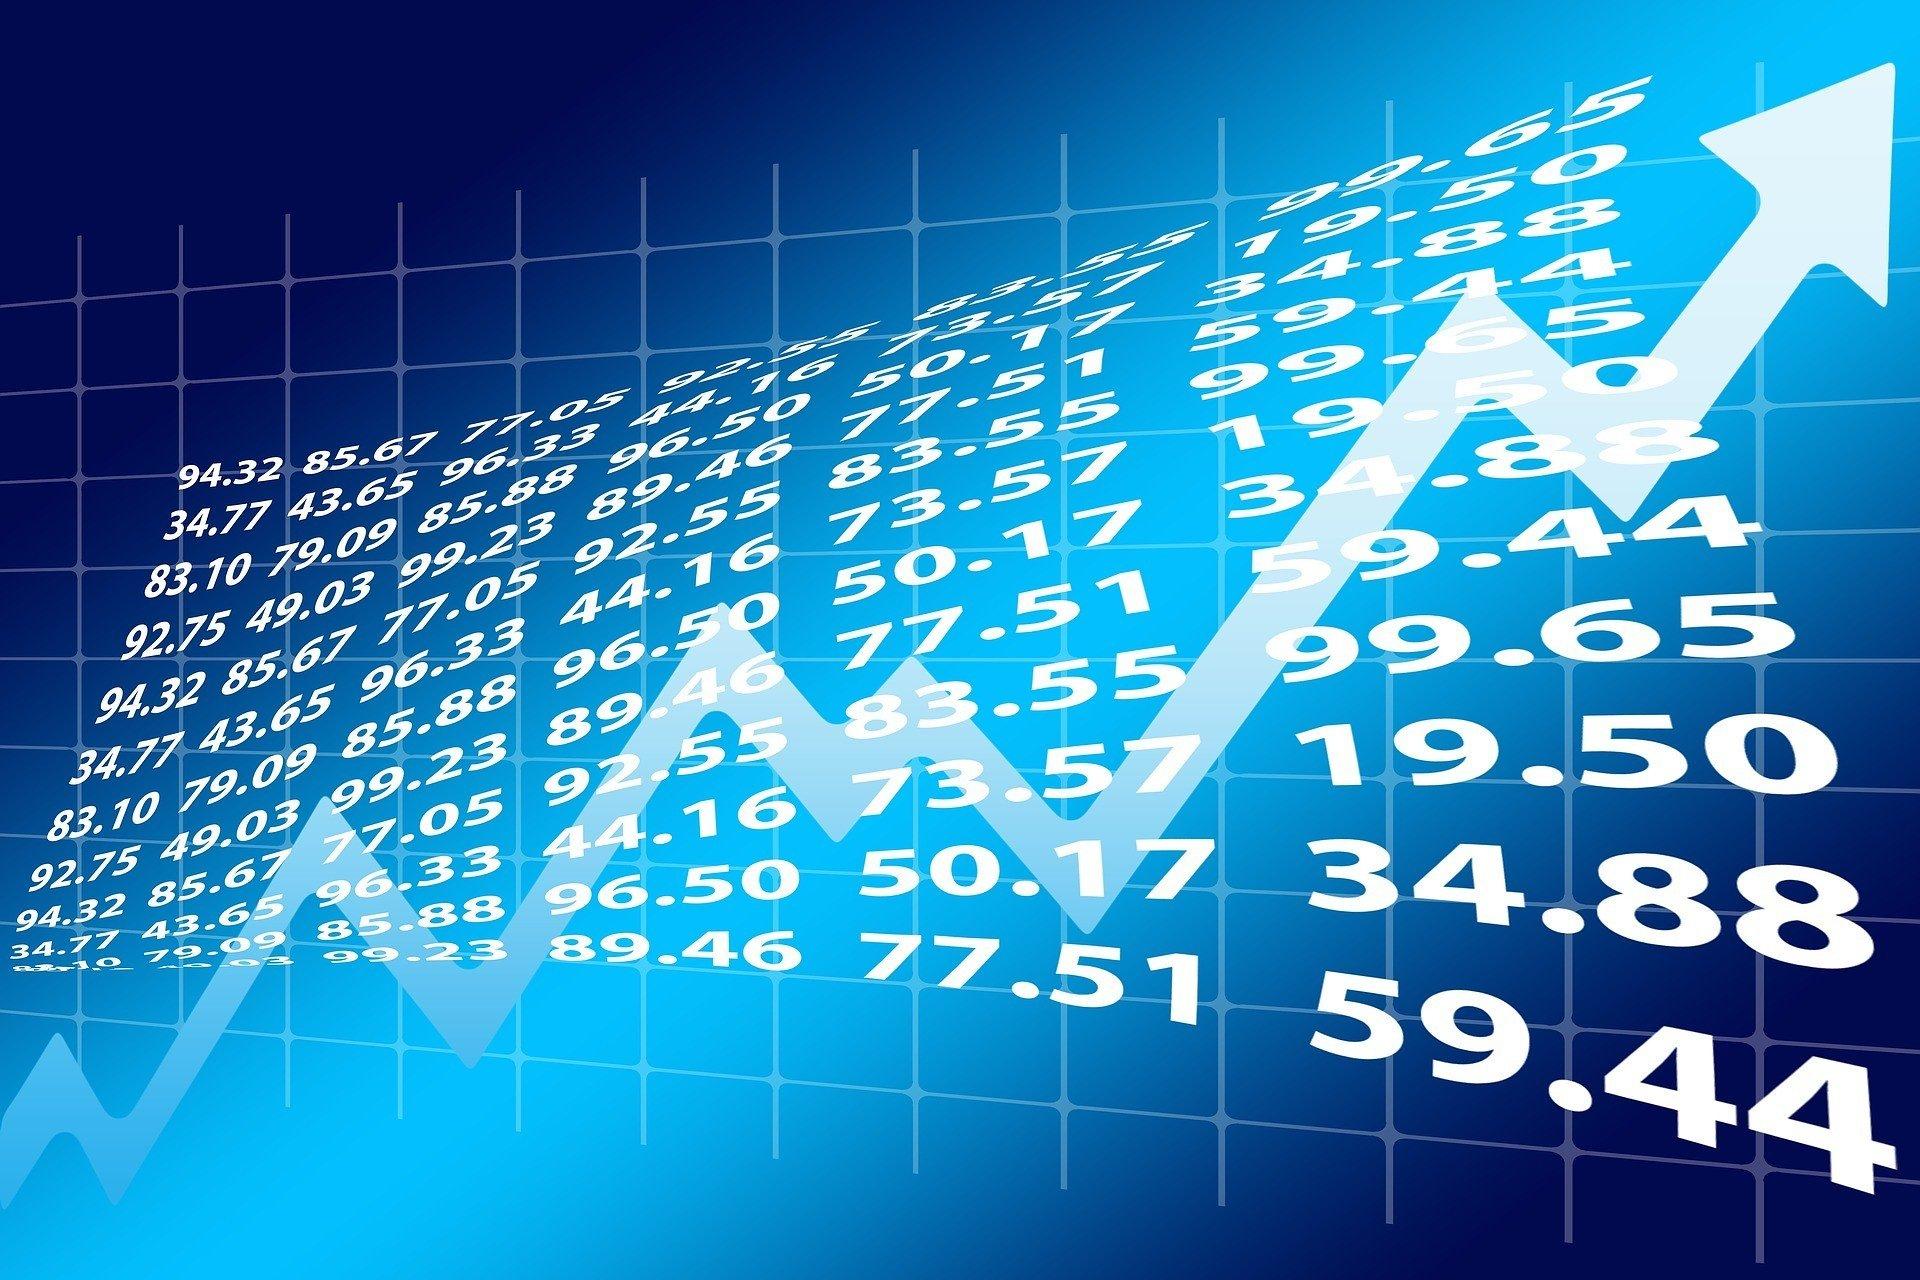 Ситуация на мировых рынках продолжает усугубляться